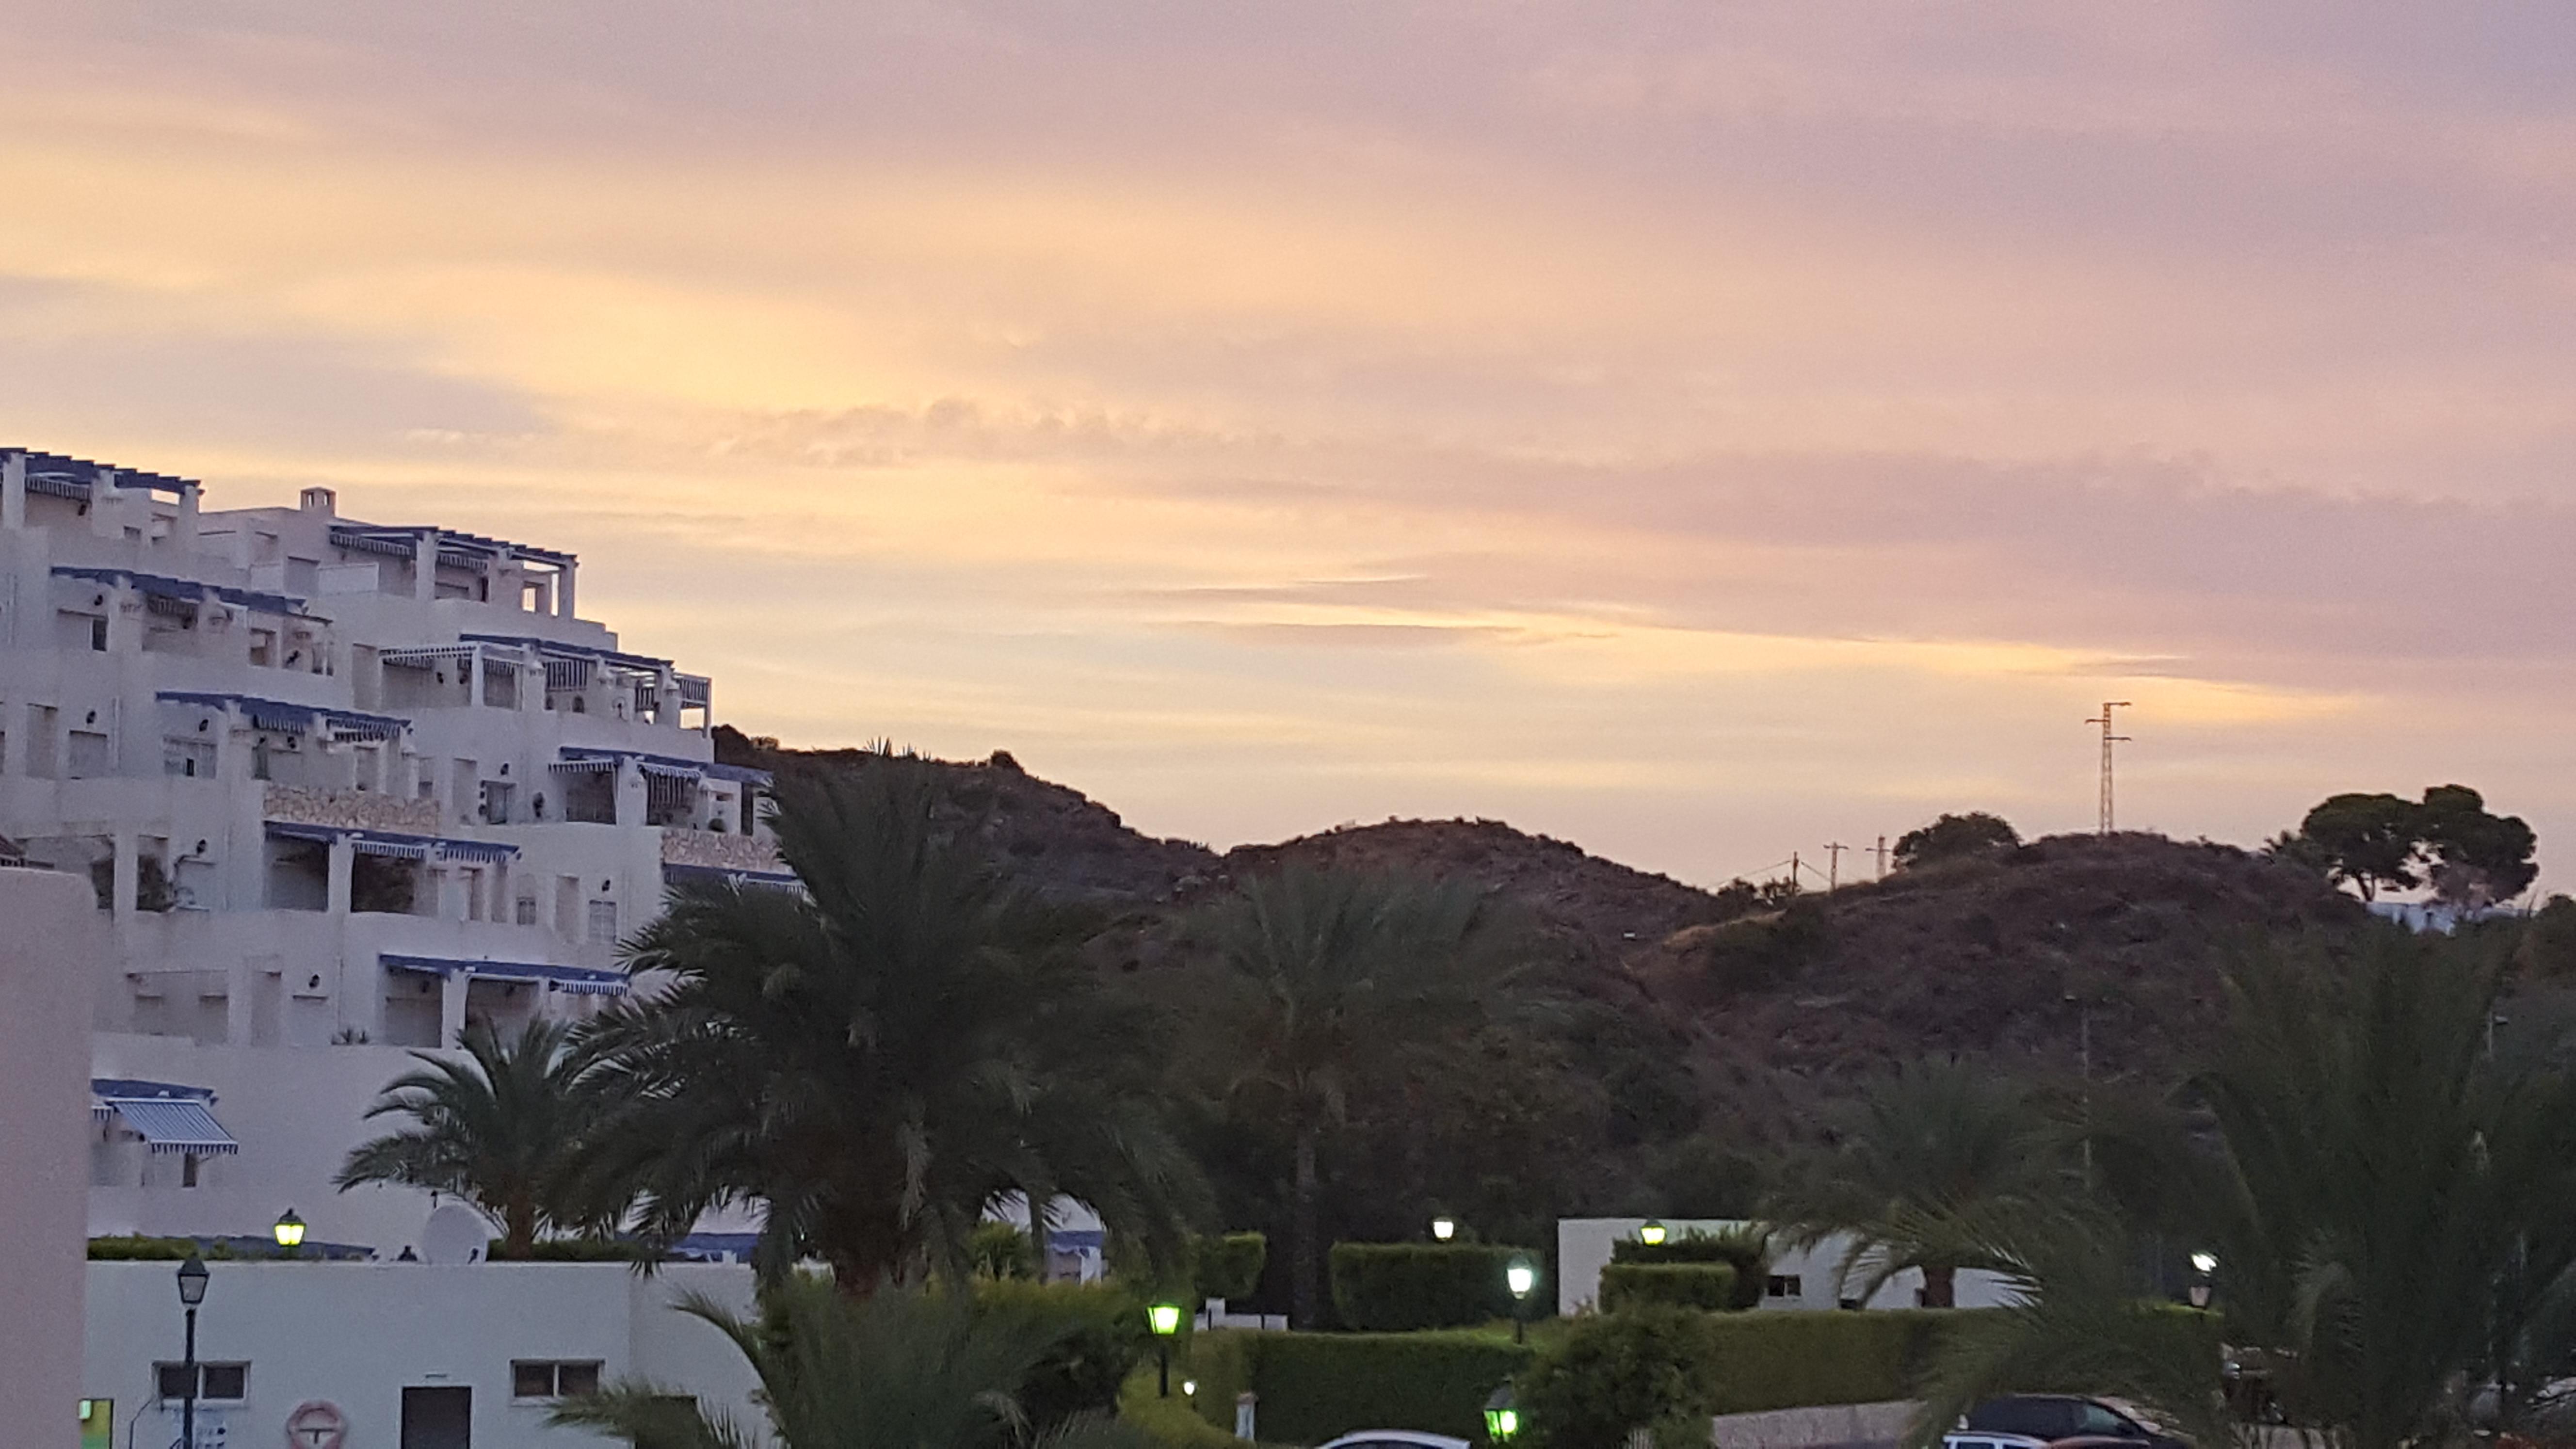 Ferienwohnung 3 Schlafzimmer Wohnung zu vermieten in Mojcar, Spanien (2388895), Mojacar, Costa de Almeria, Andalusien, Spanien, Bild 29